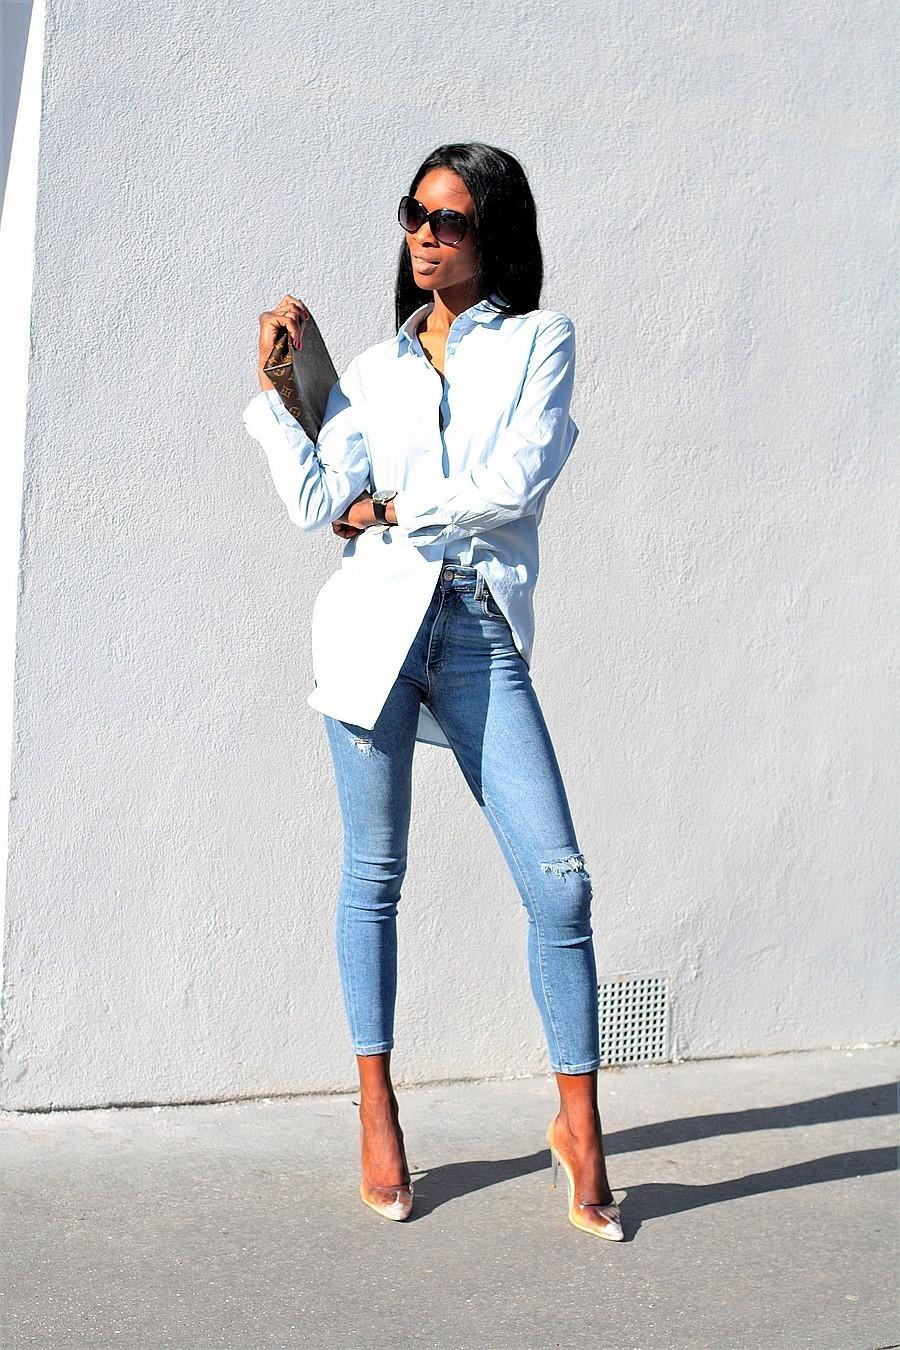 comment-bien-s-habiller-quotidien-jeans-chemise